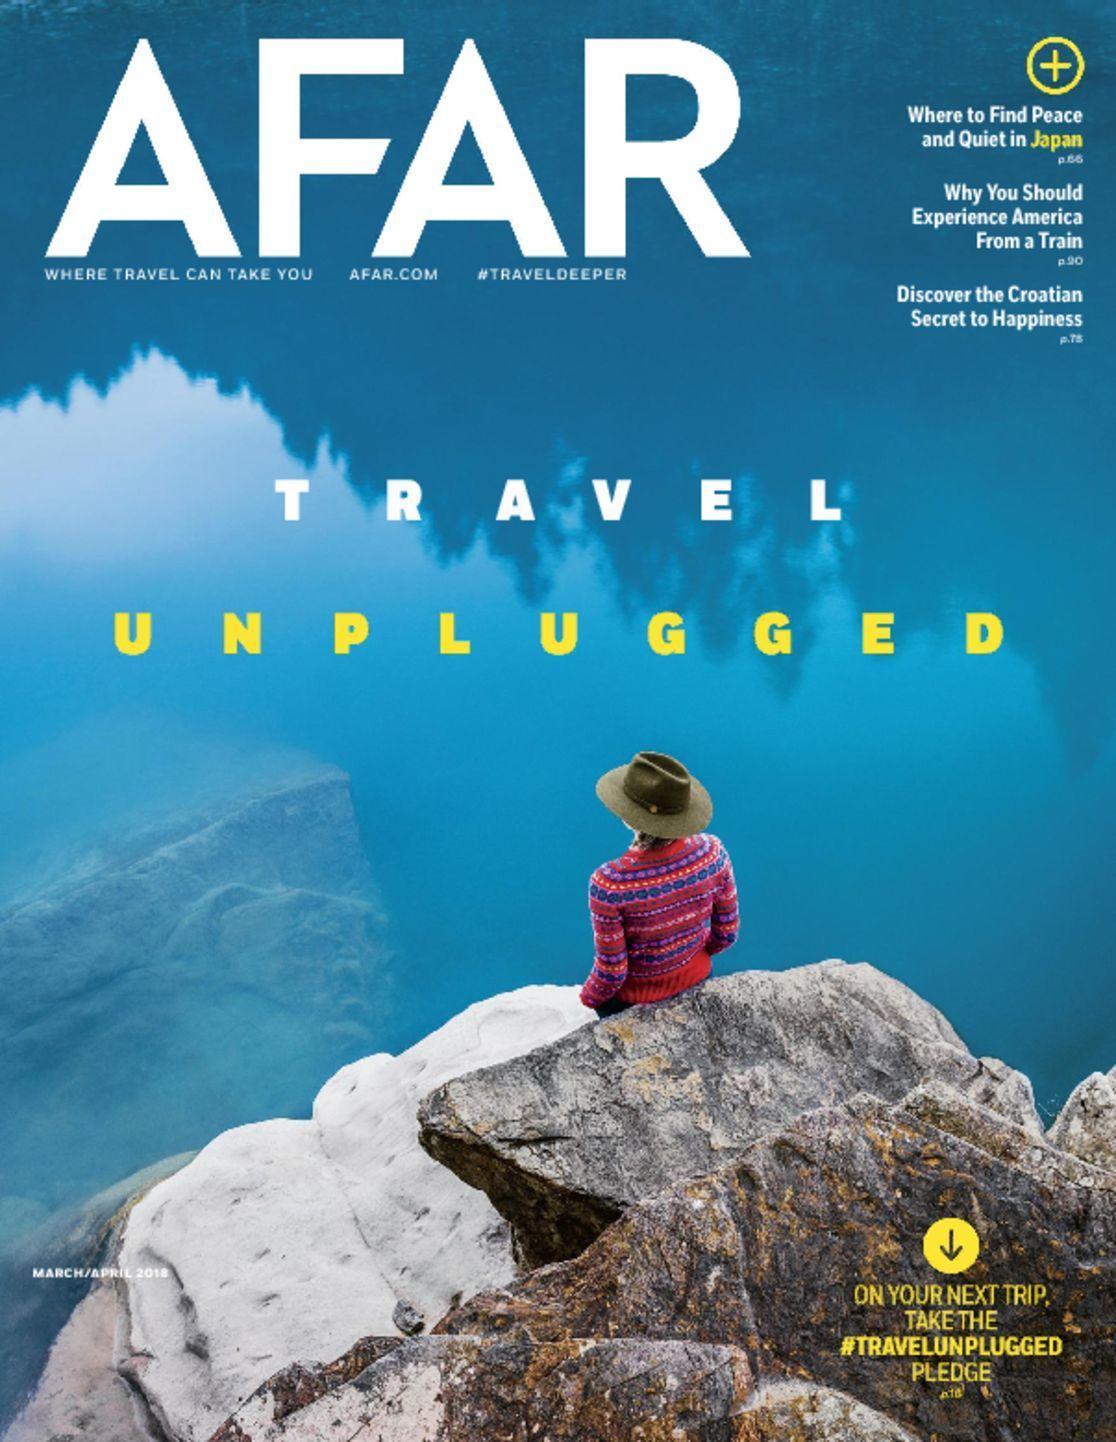 AFAR Digital